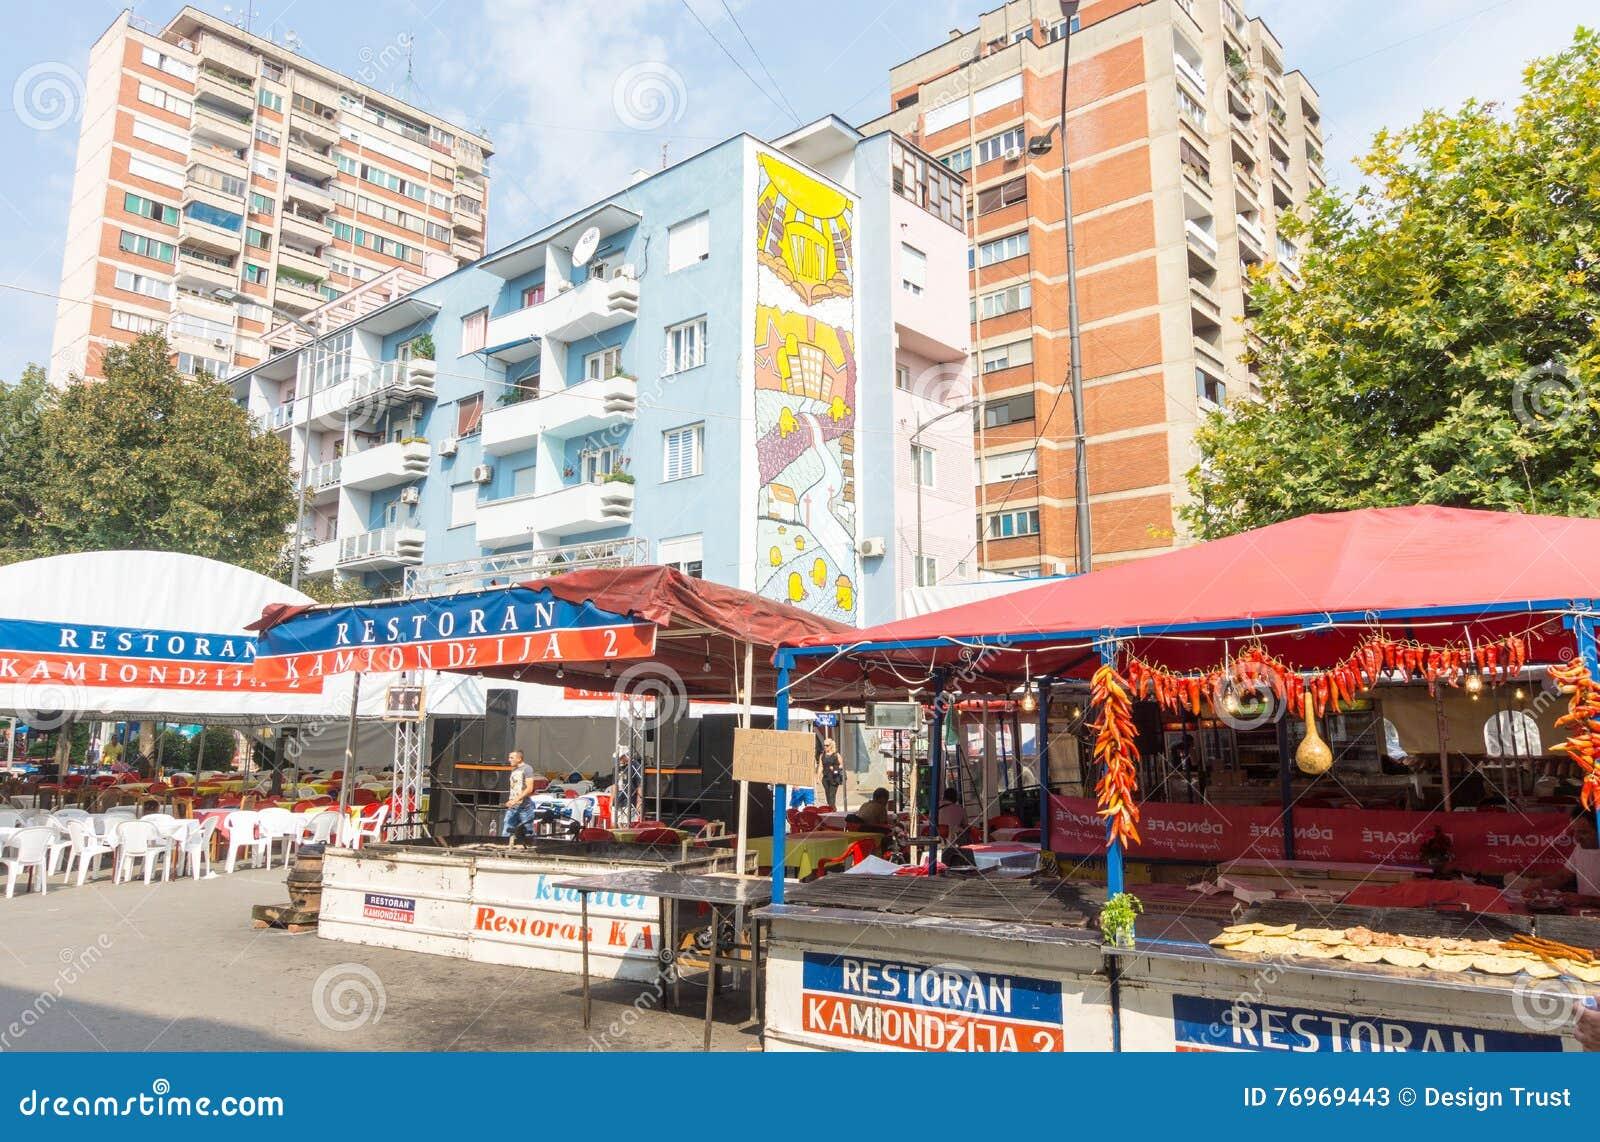 roshtilyada-leskovac-serbia-all-come-to-roshtilyadu-holiday-city-where-day-night-roshtile-roasted-variety-76969443.jpg